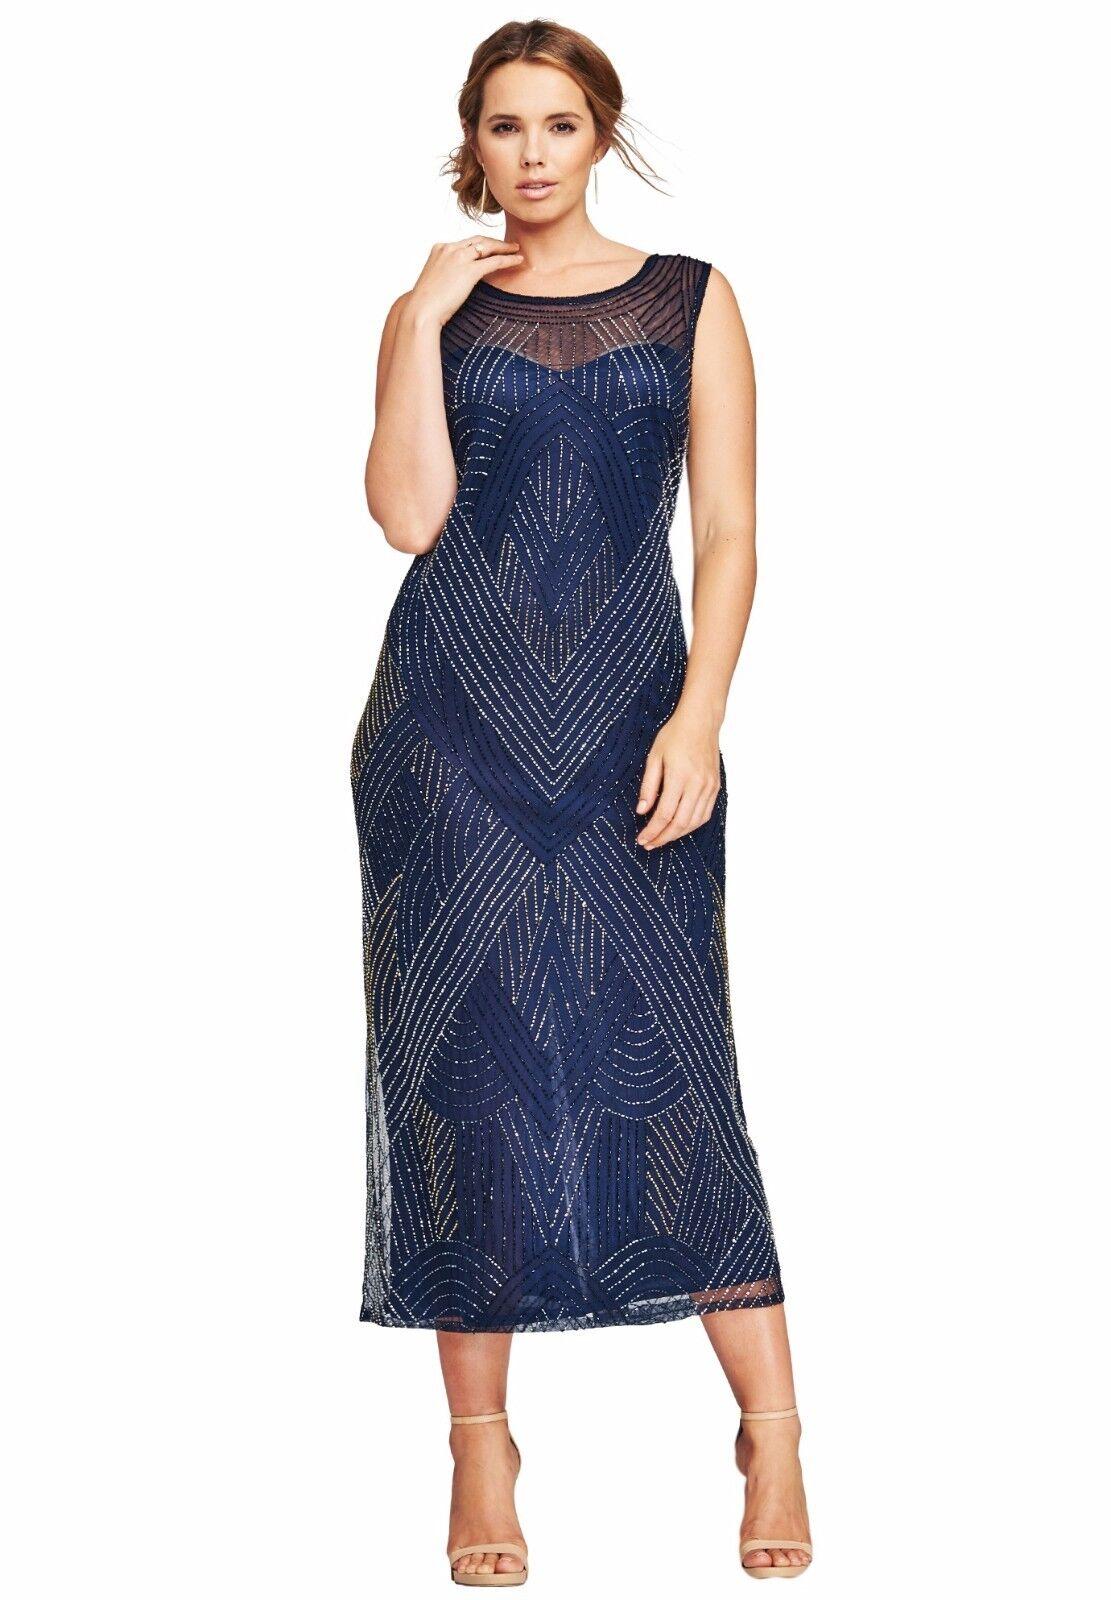 Navy Blau Beaded V Neck Dress Gown 14W - 24W Plus Größe